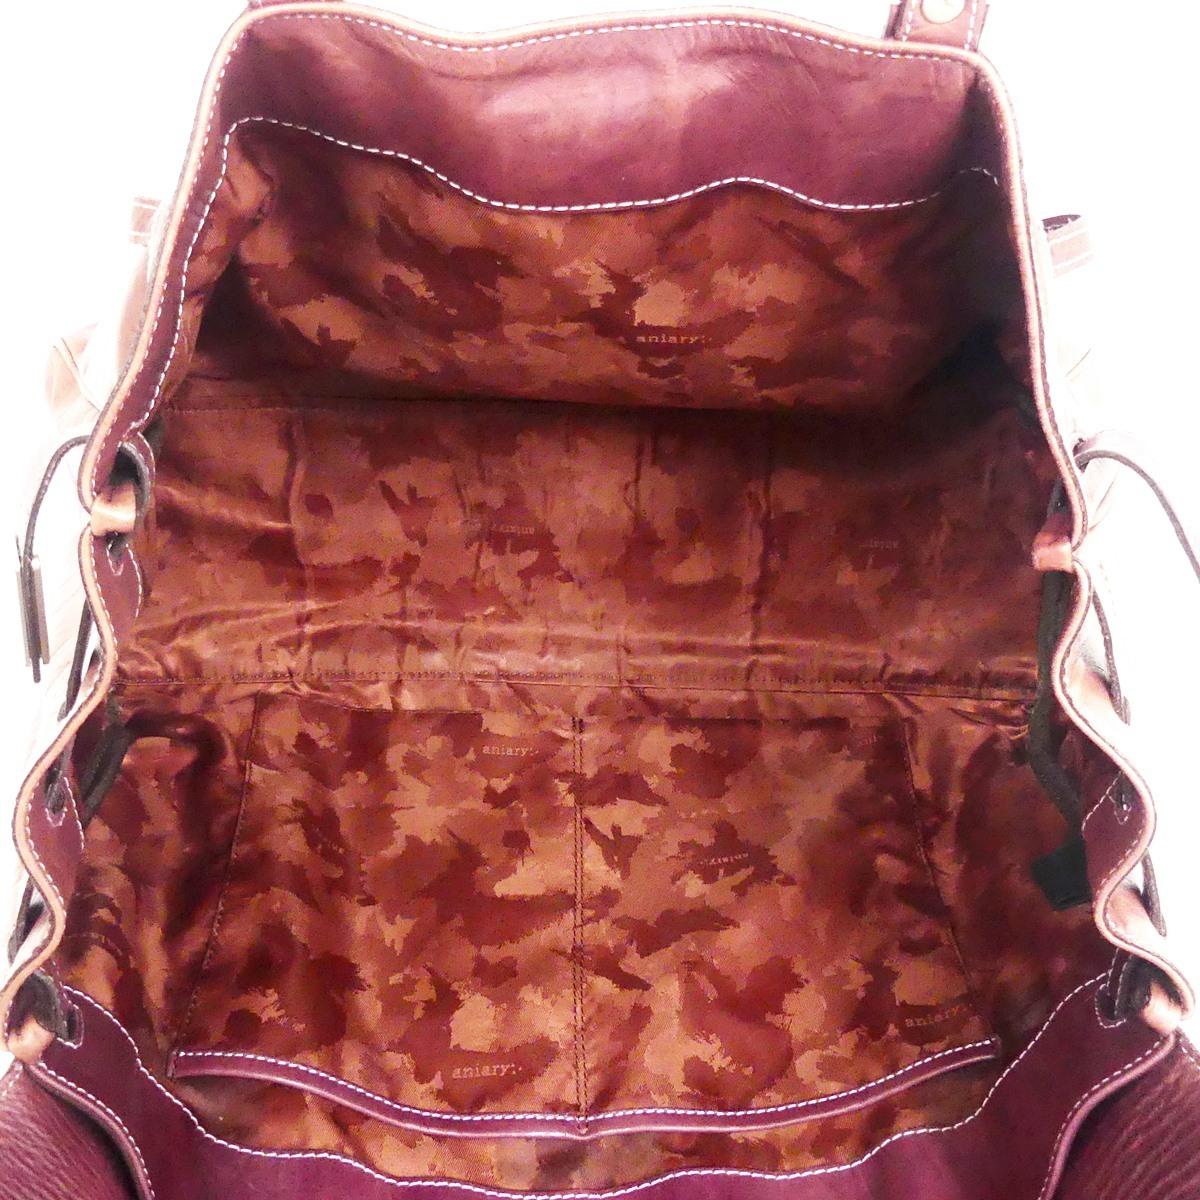 即決★aniary★レザーハンドバッグ アニアリ メンズ 赤 紫 本革 トートバッグ 本皮 かばん 鞄 レディース 手提げバッグ_画像8